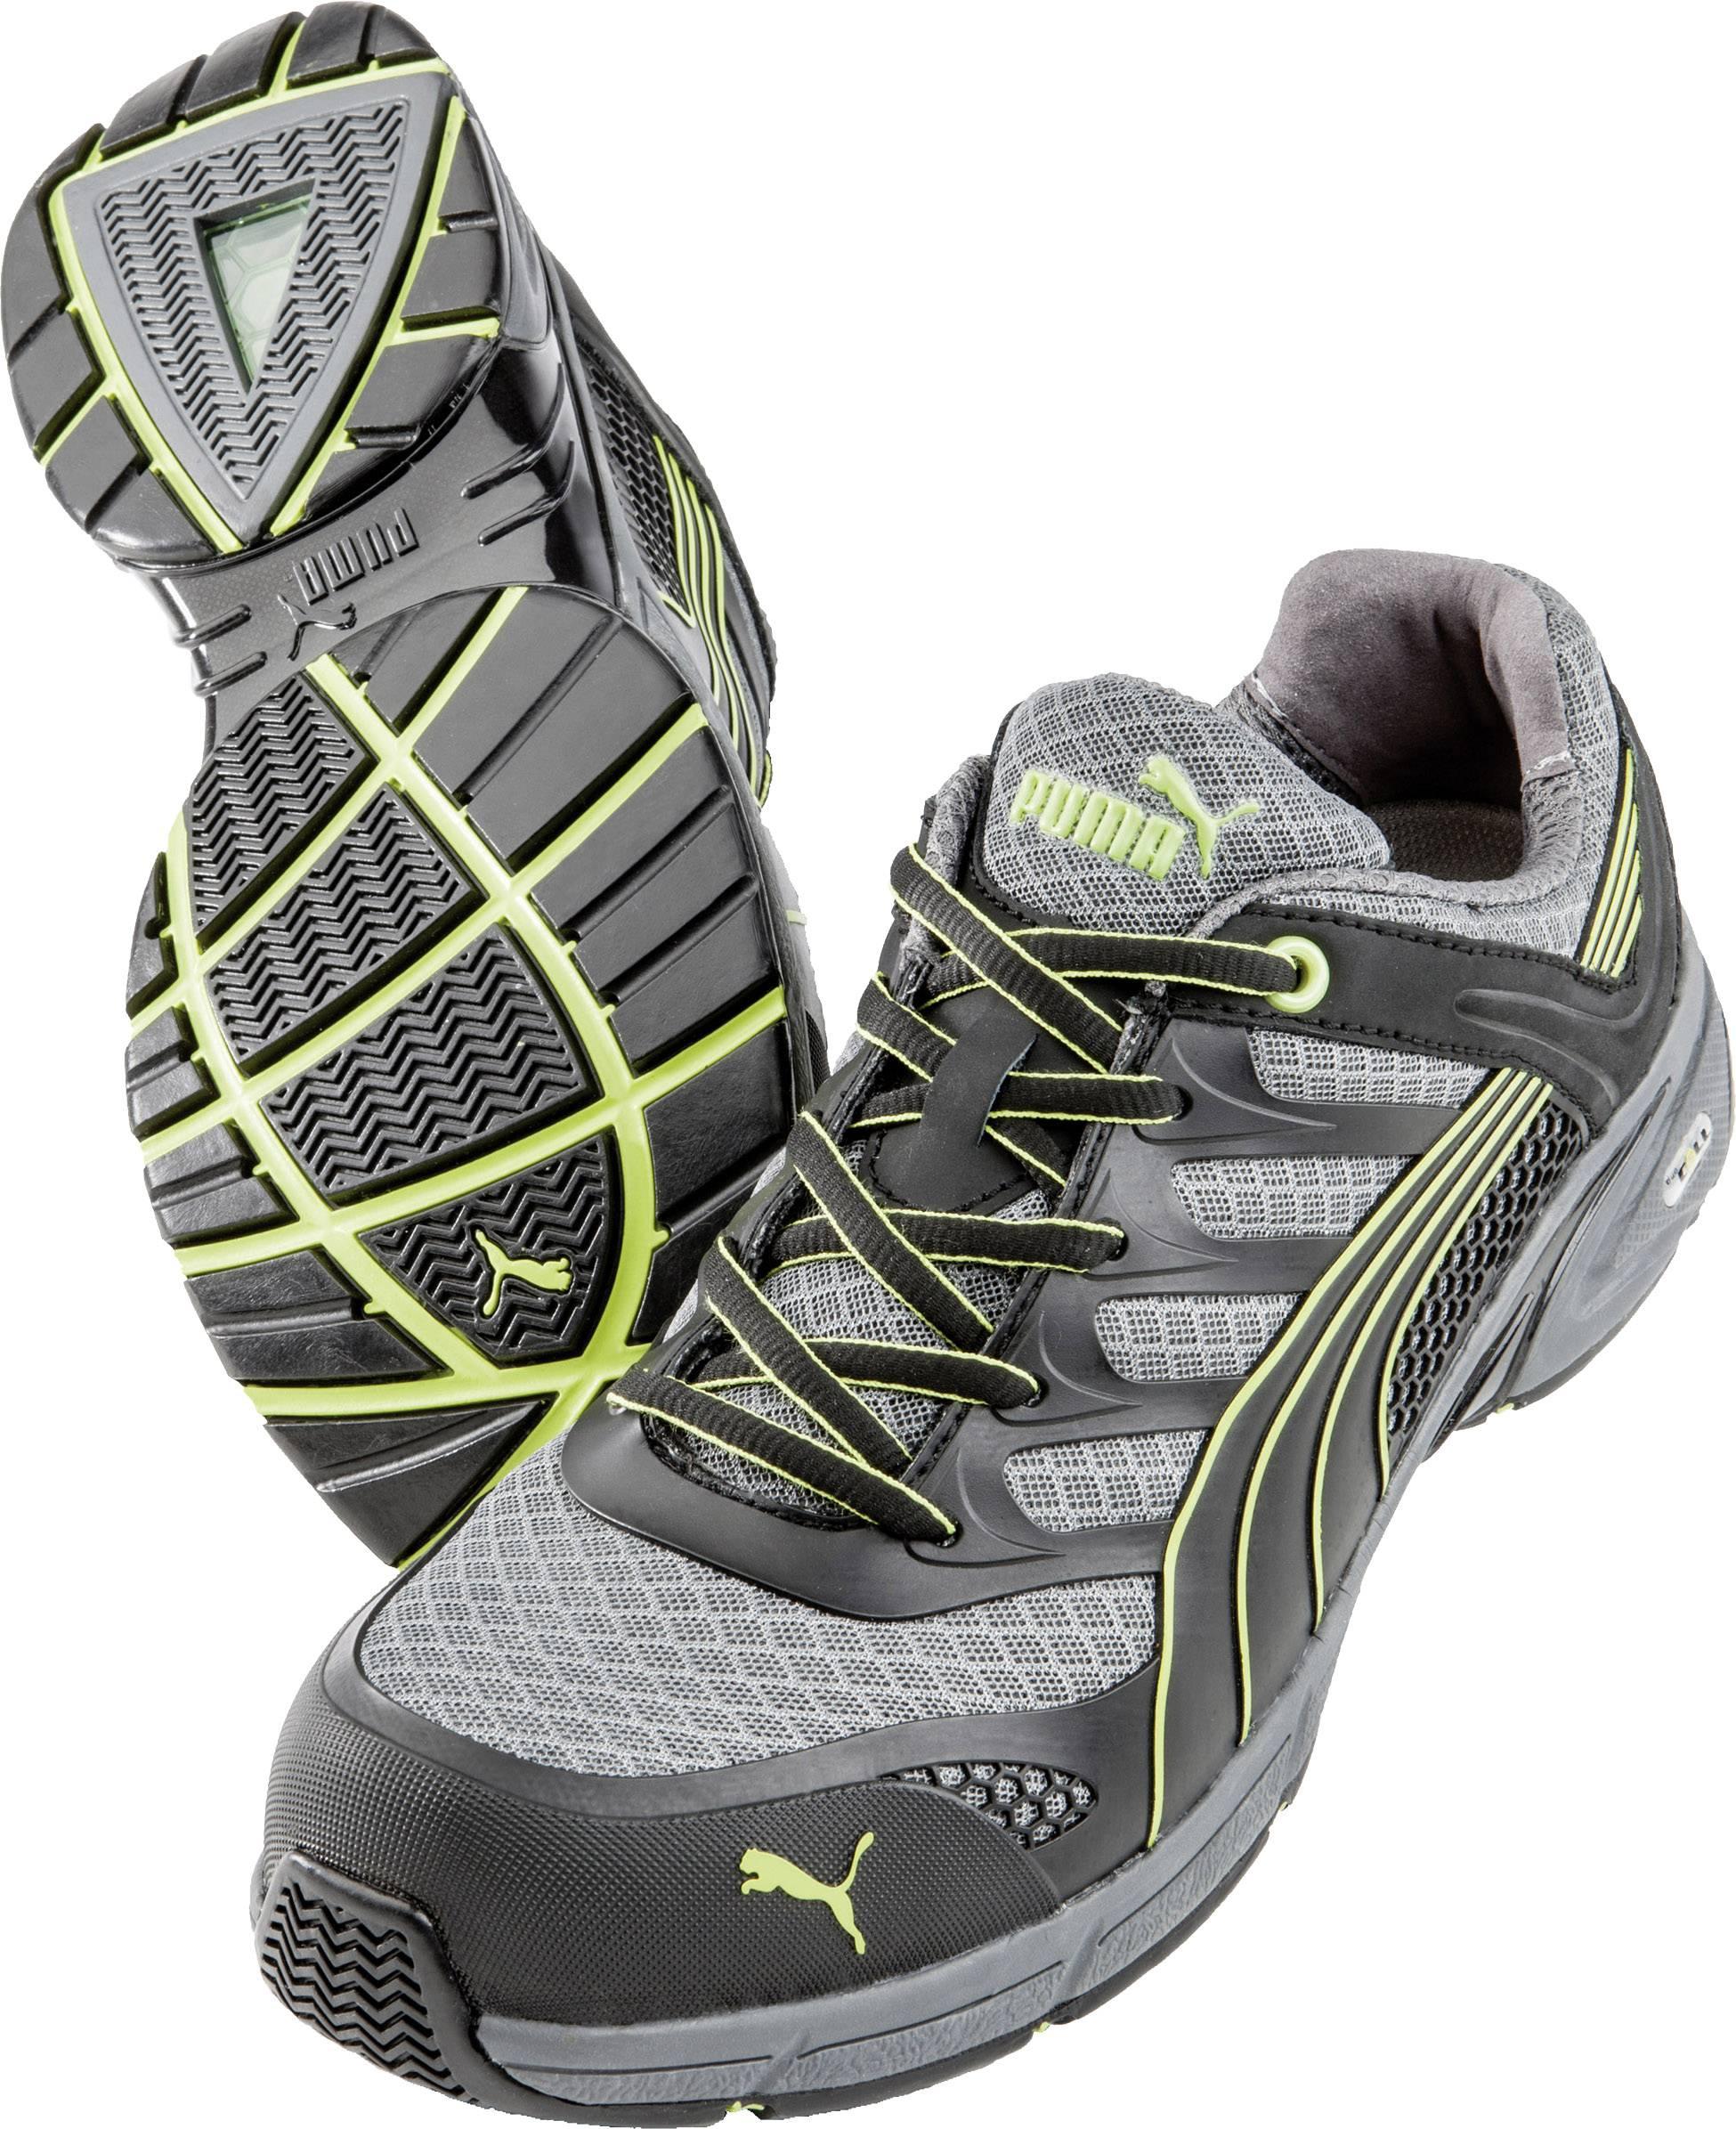 Bezpečnostní obuv S1P PUMA Safety FUSE MOTION GREEN LOW HRO SRA 642520, vel.: 44, černá, šedá, žlutá, 1 pár